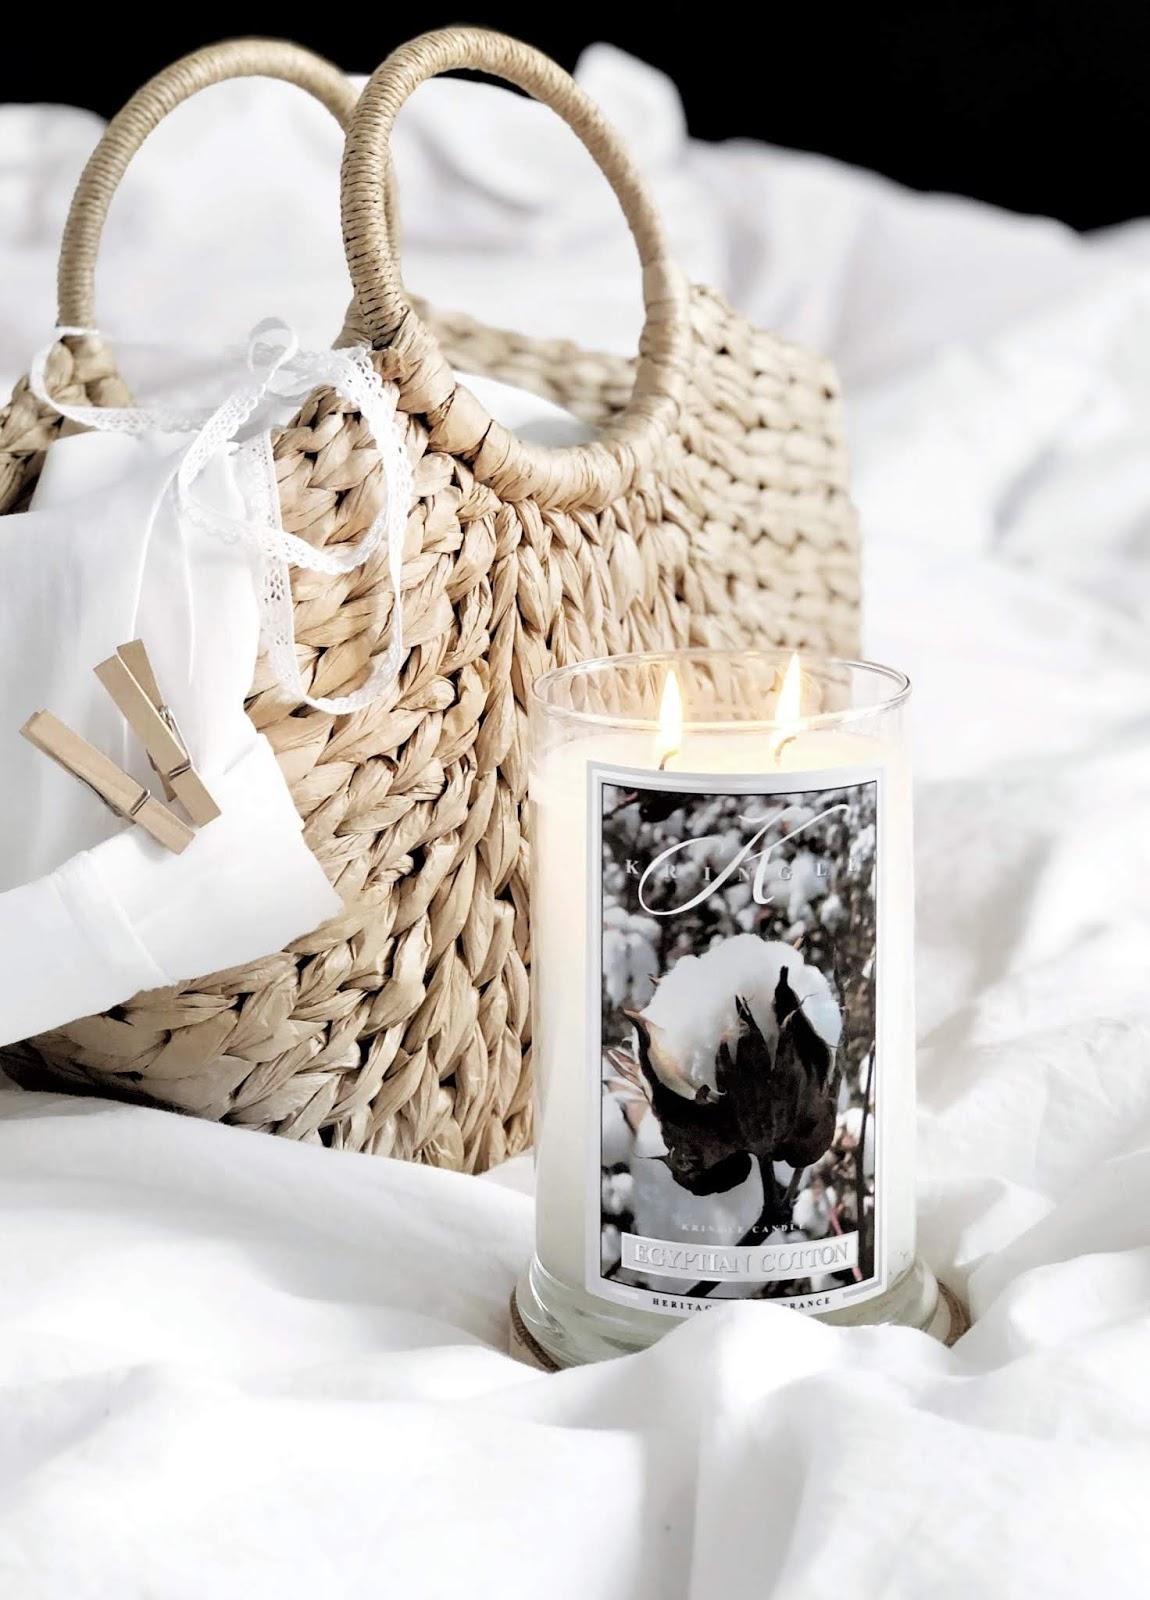 Zapach świeżego prania w dwóch odsłonach Kringle Candle: Egyptian Cotton i Warm Cotton